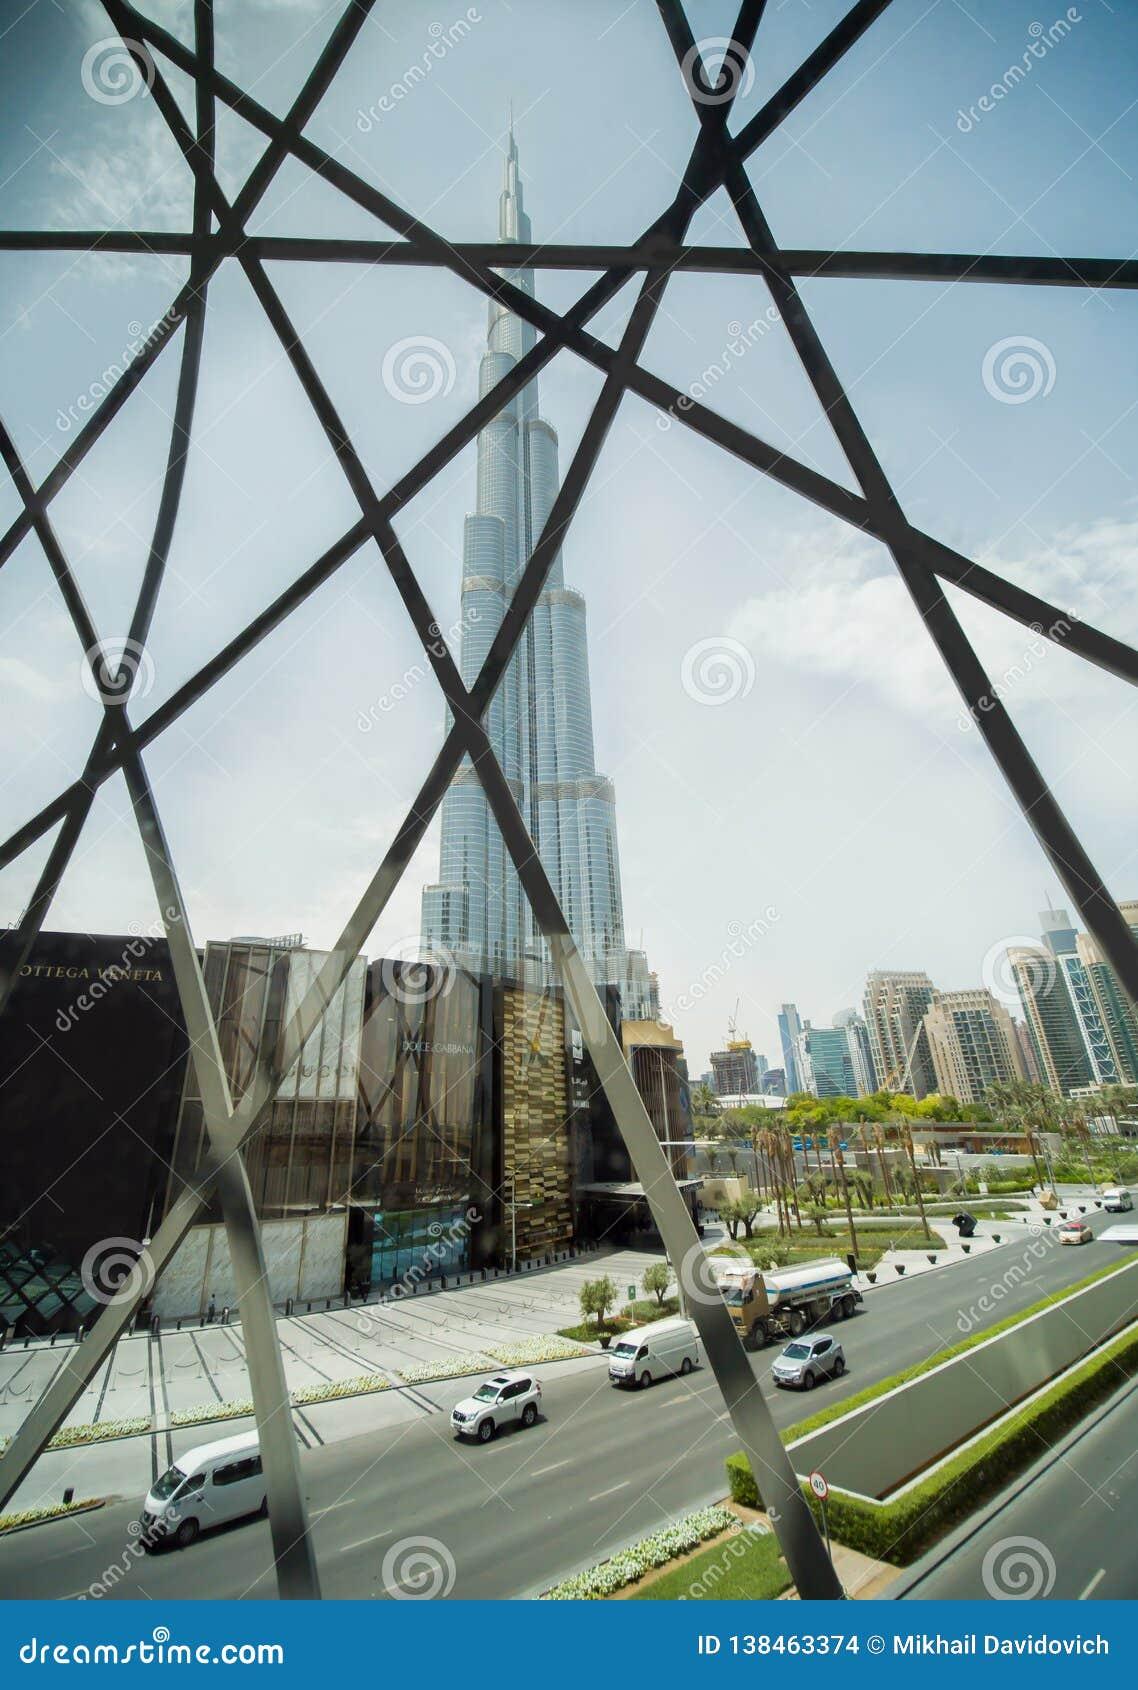 Dubai, UAE - 15. Mai 2018: Ansicht des Burj Khalifa durch das Dubai-Mallfenster